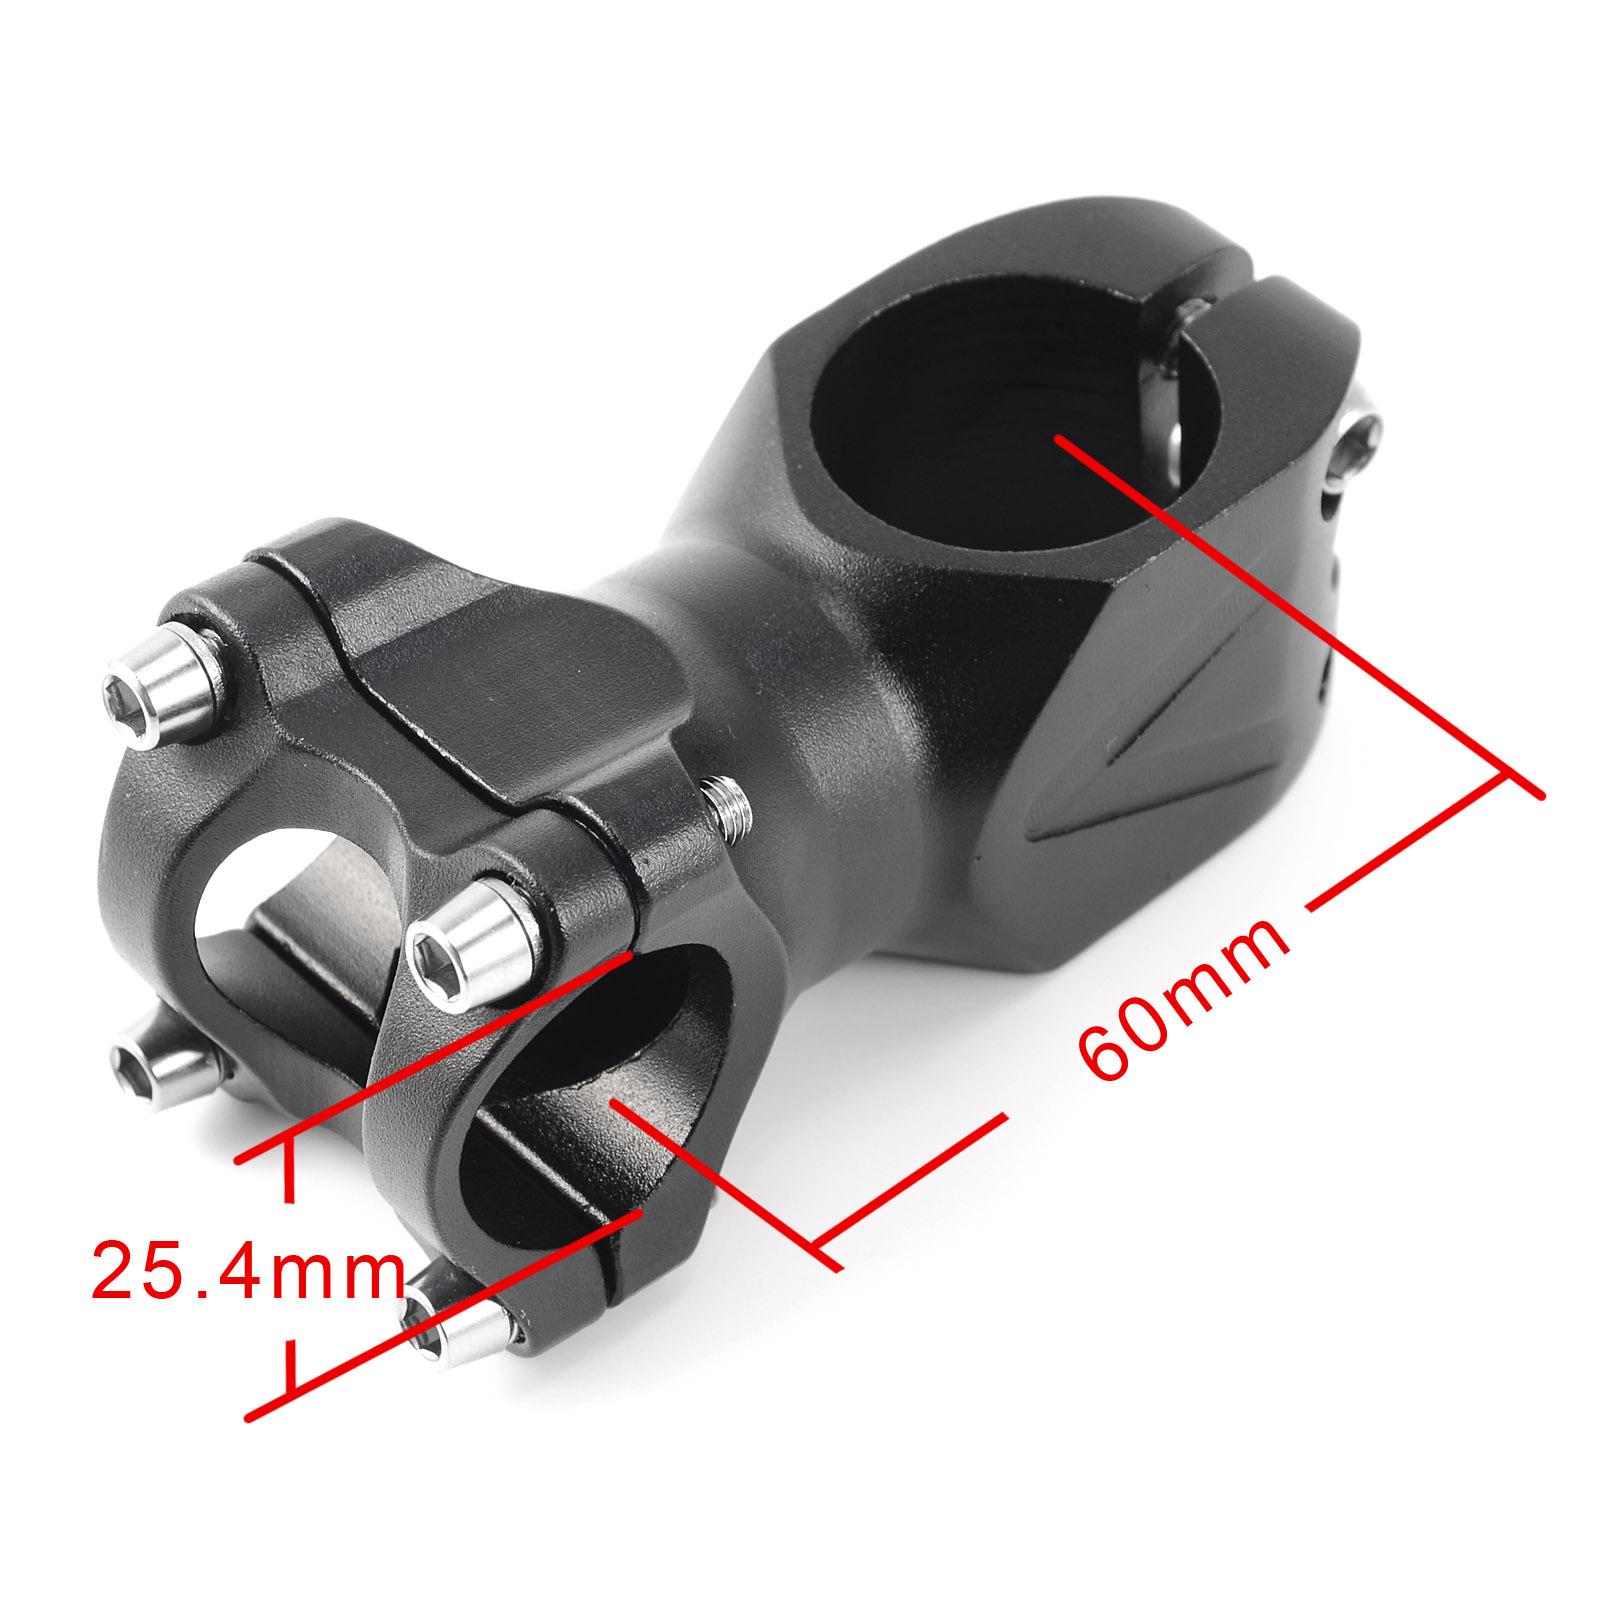 mtb lenker vorbau fahrrad ahead vorbau 25 4mm 60mm 80mm 90mm. Black Bedroom Furniture Sets. Home Design Ideas